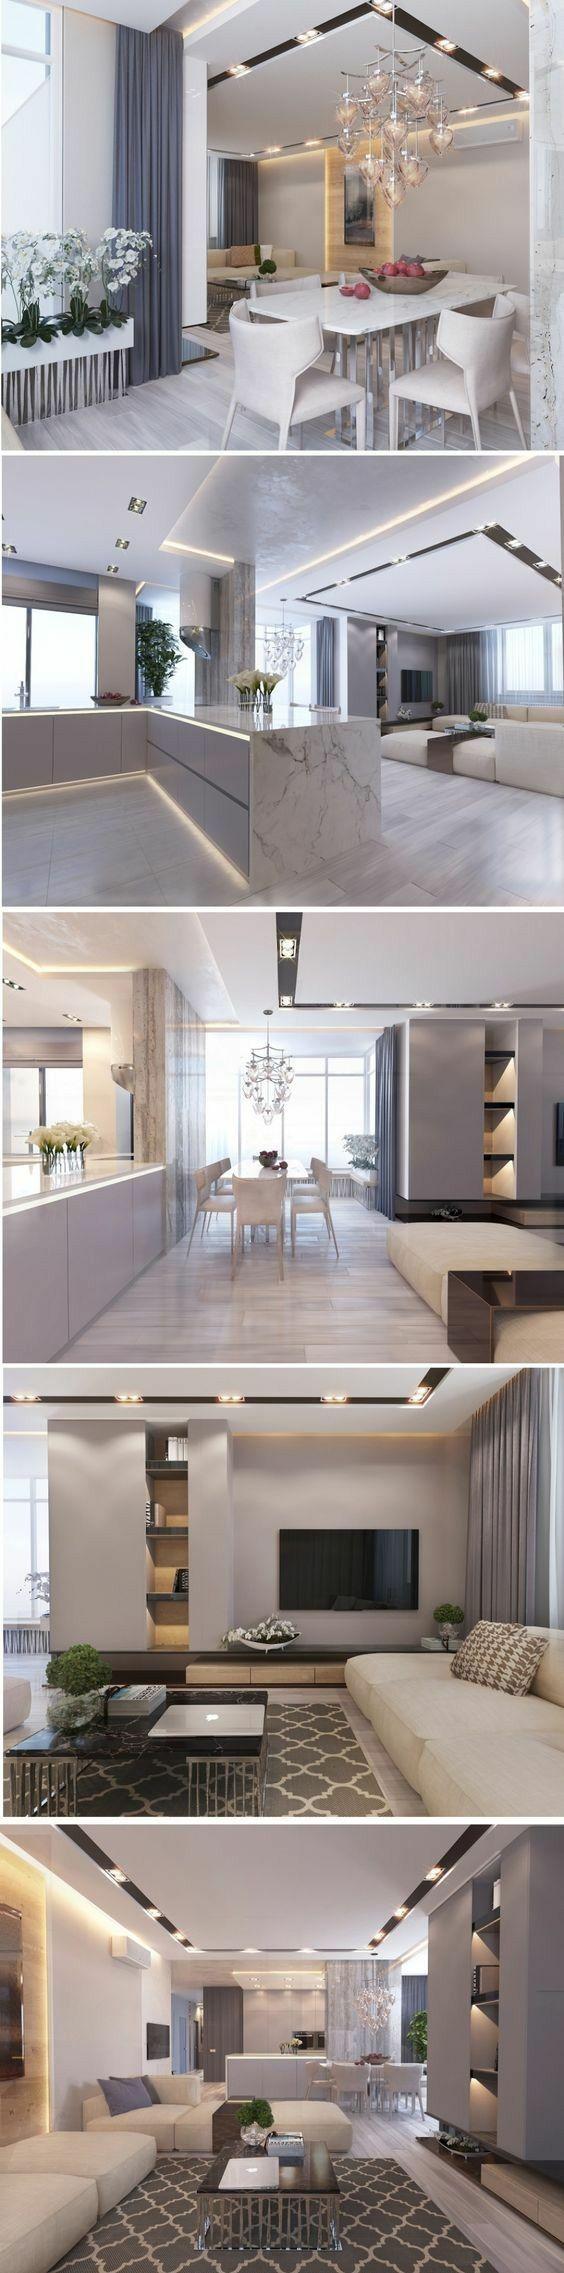 kitchen, living room, family